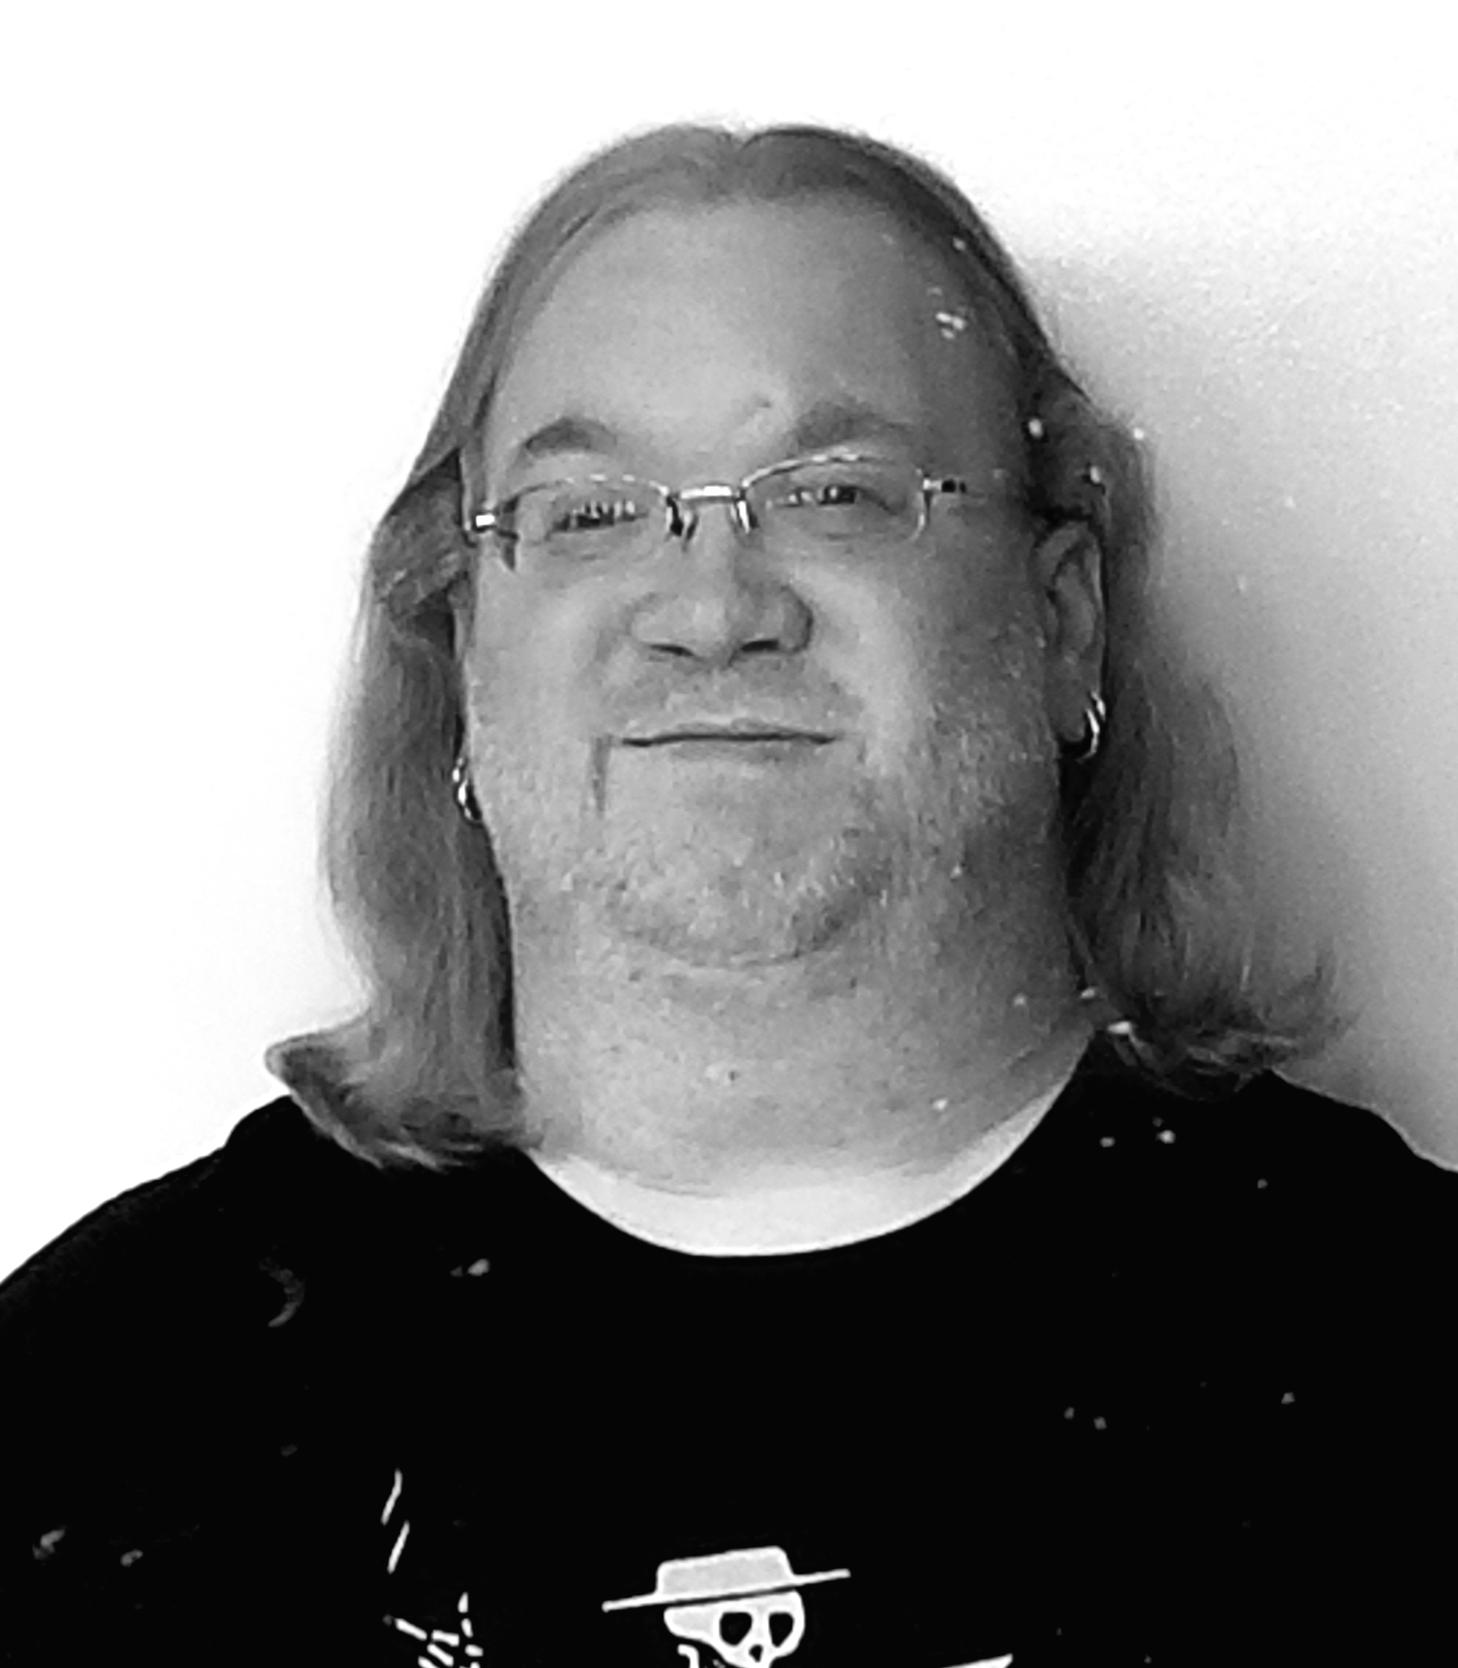 Dave Greshel